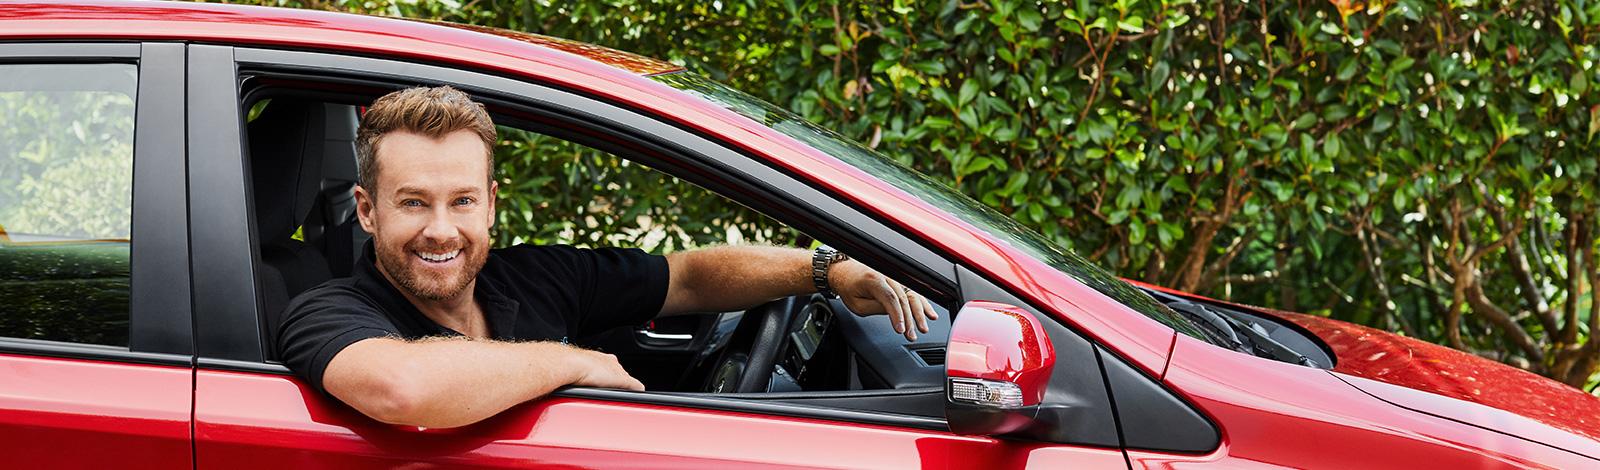 Gumtree Cars Seeks Number One Spot